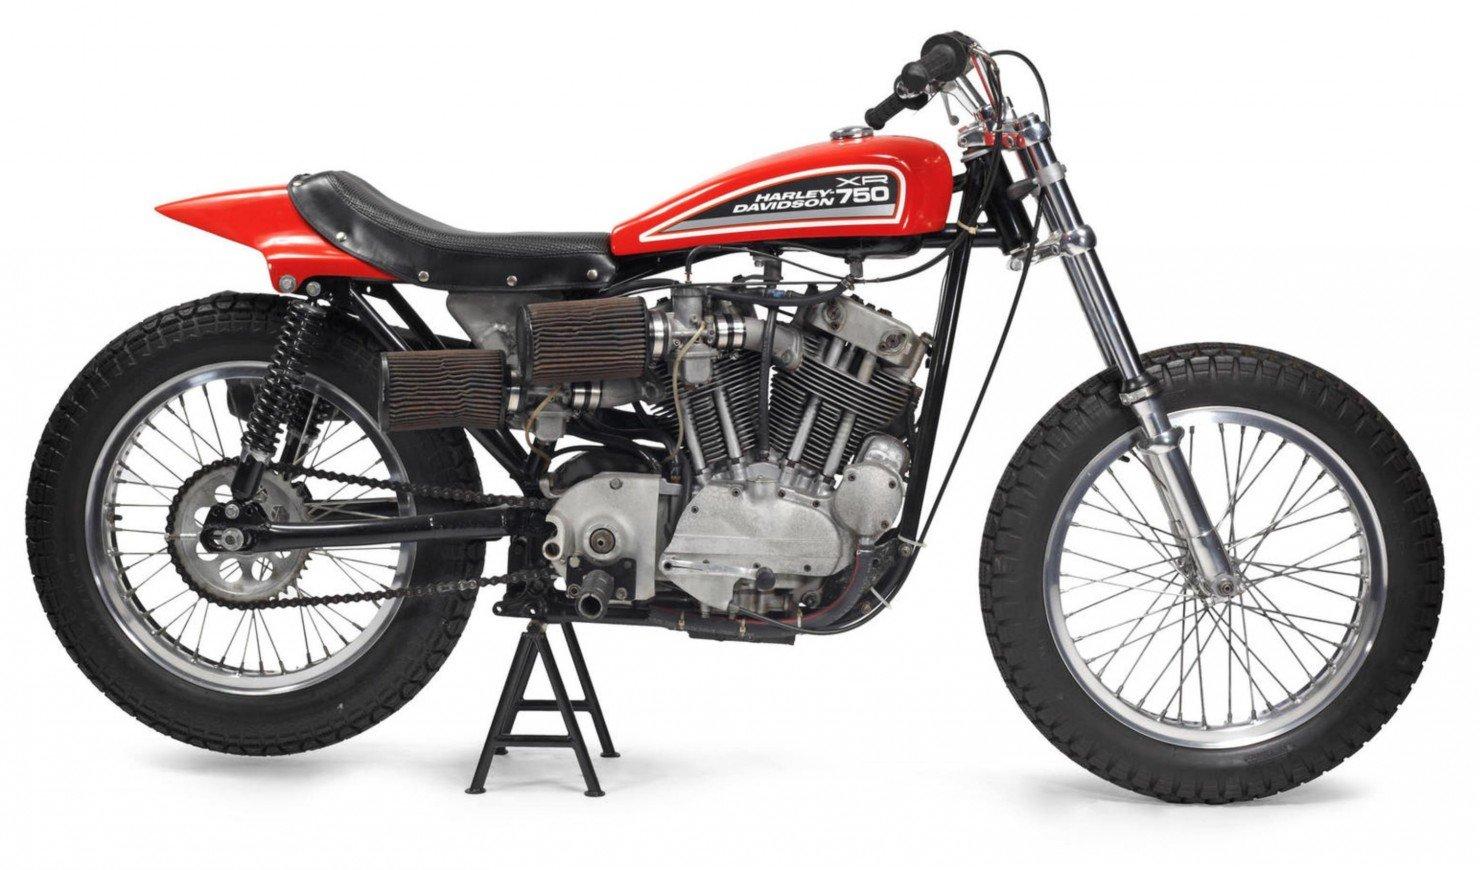 1972 harley davidson xr750 - Sigle harley davidson ...